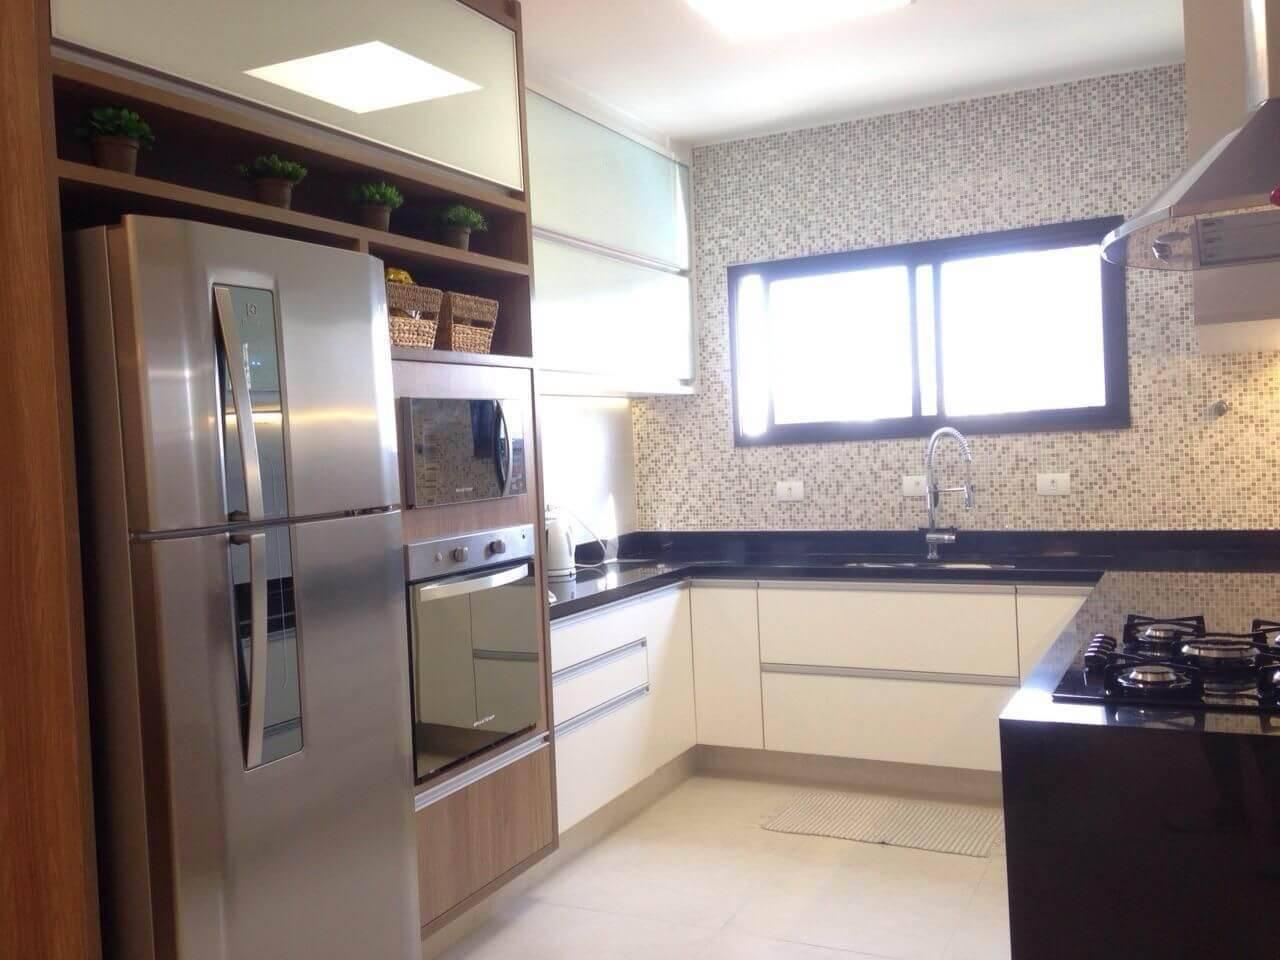 pastilhas de vidro cozinha com janela jaqueline salvador 55563